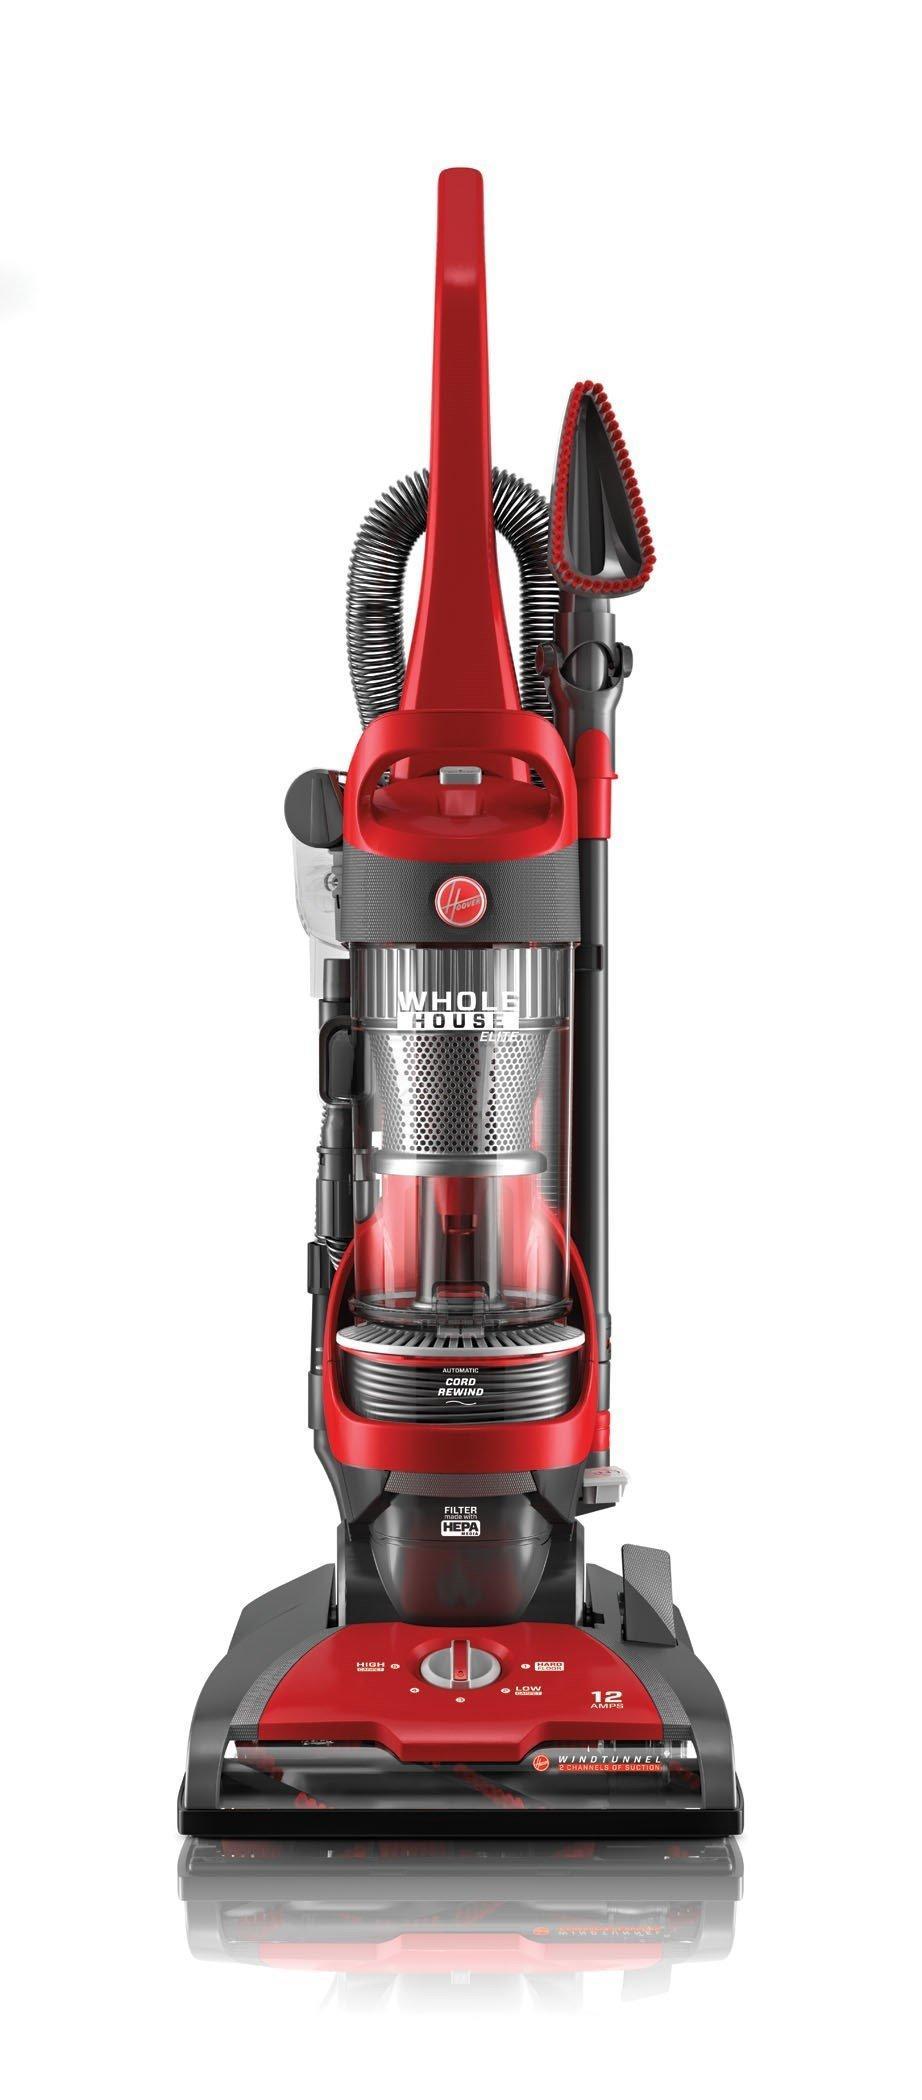 Elite Whole House Upright Vacuum